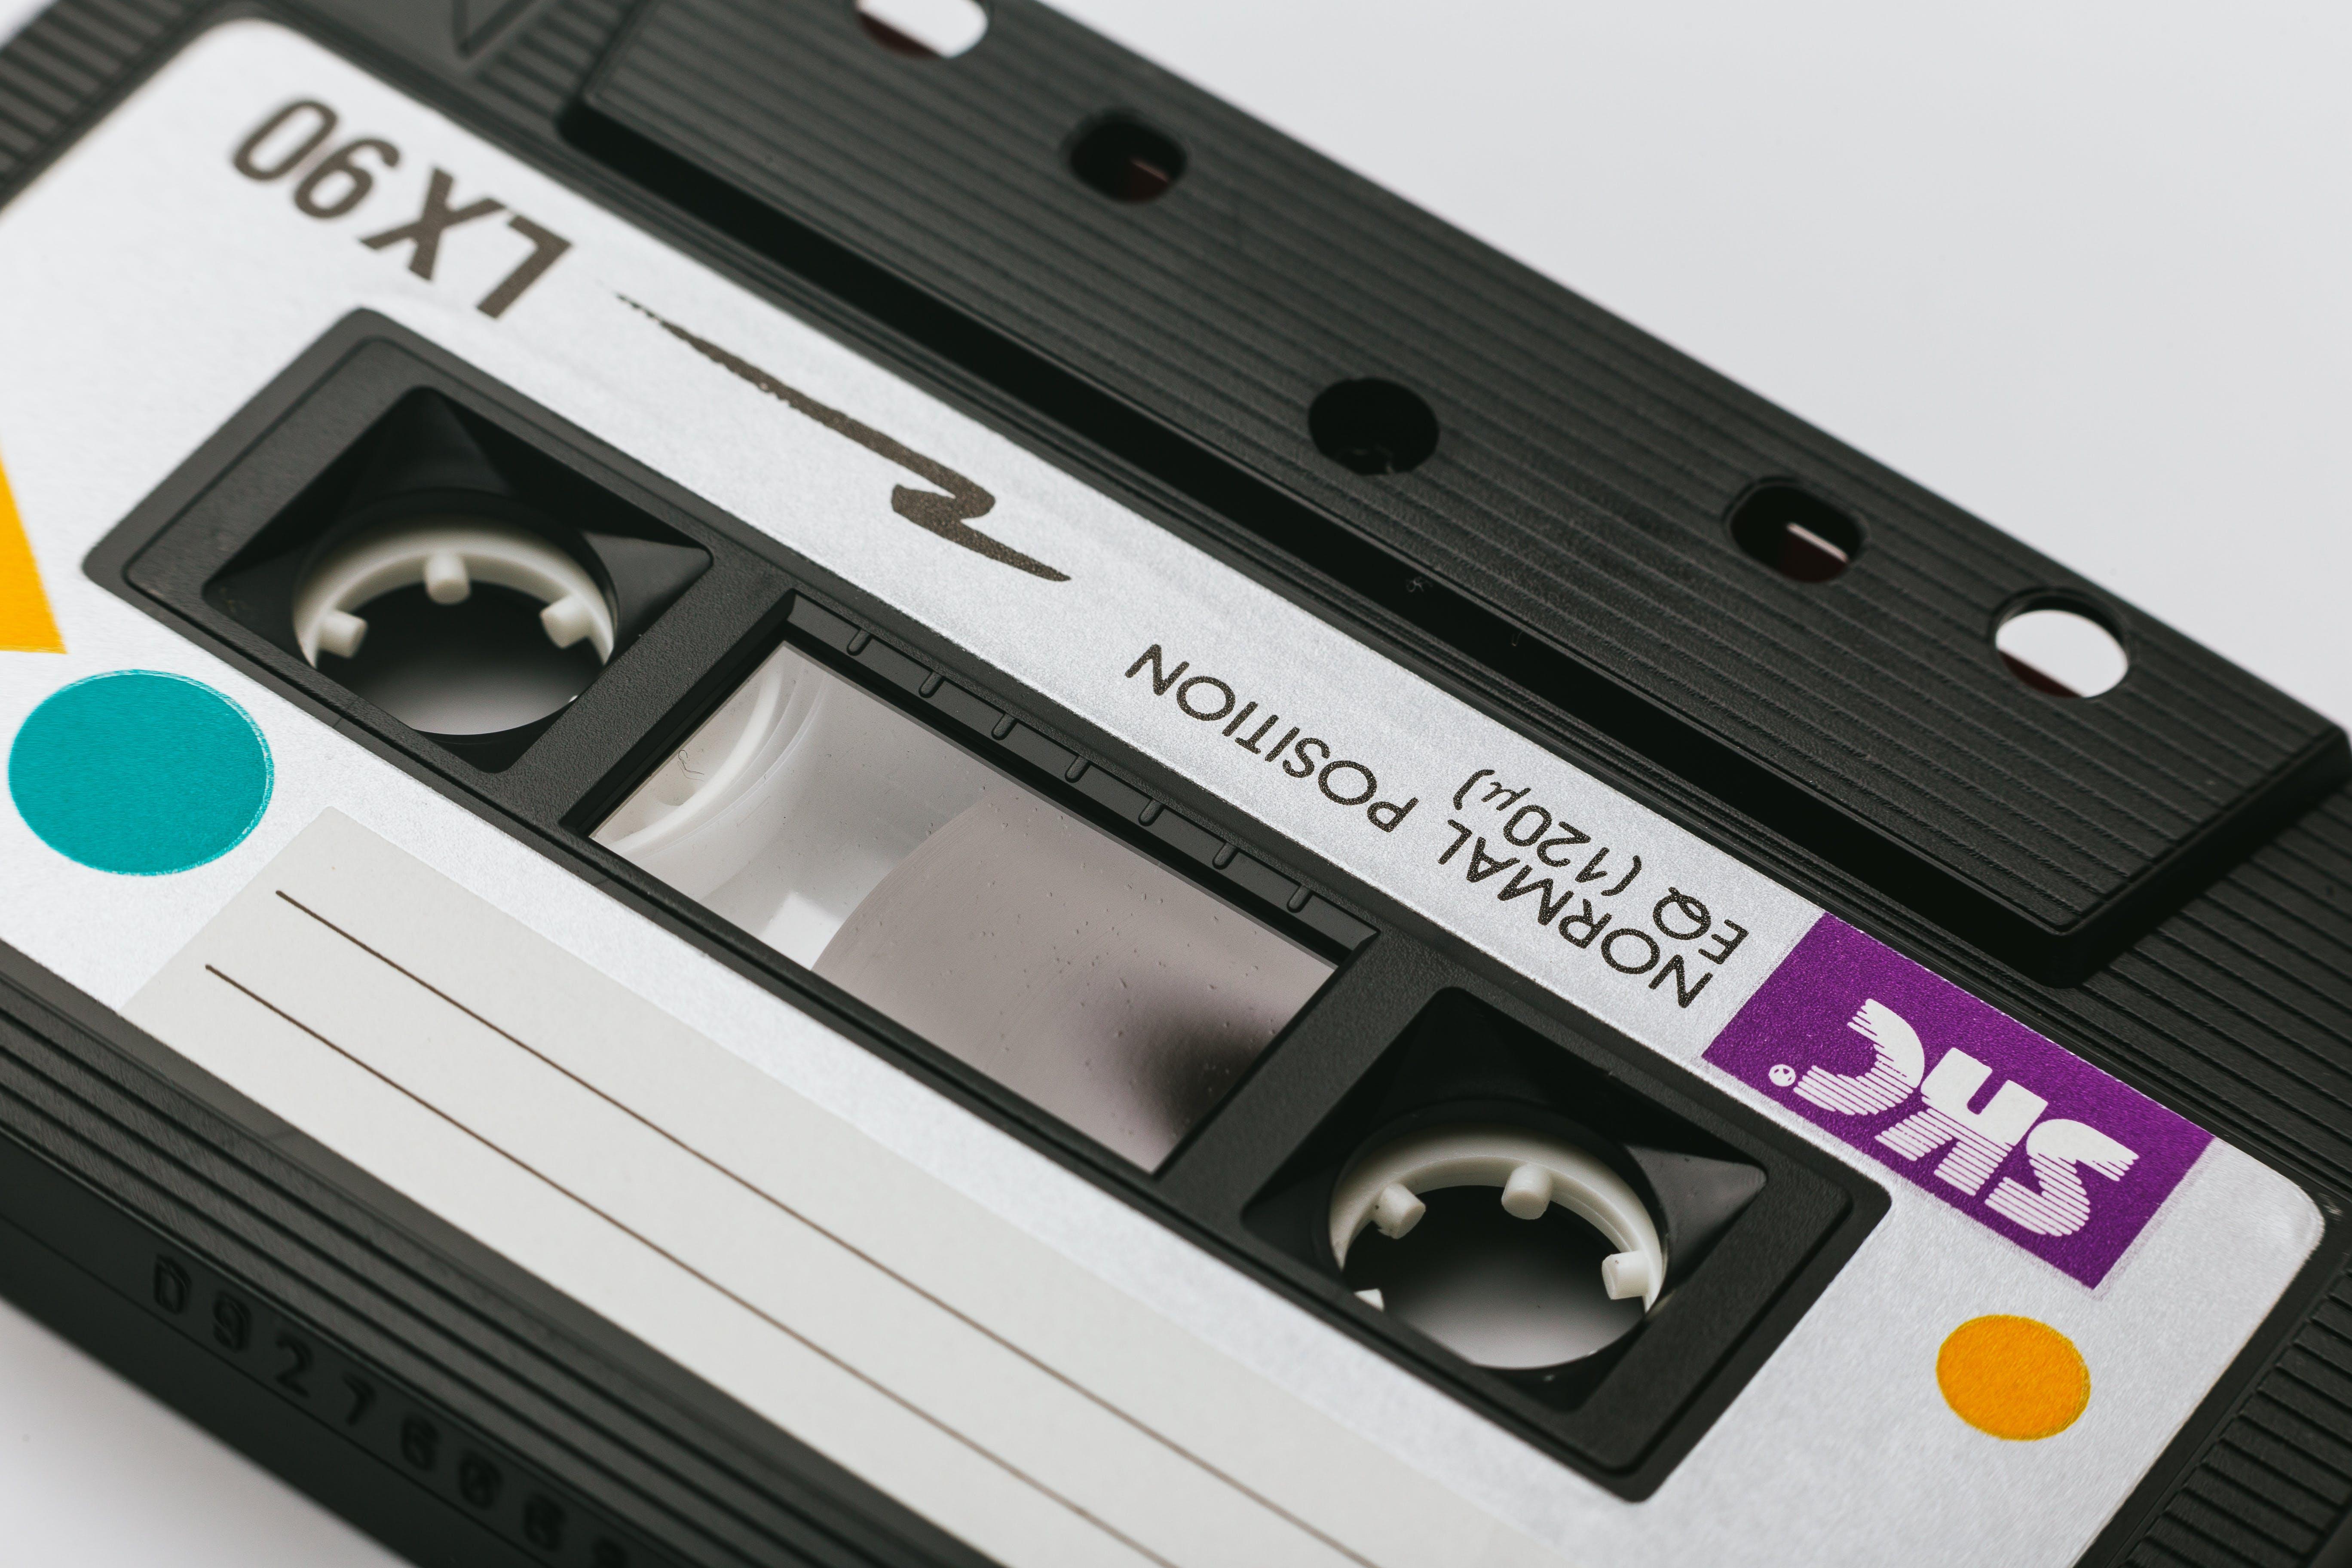 Skc Cassette Tape on White Surface